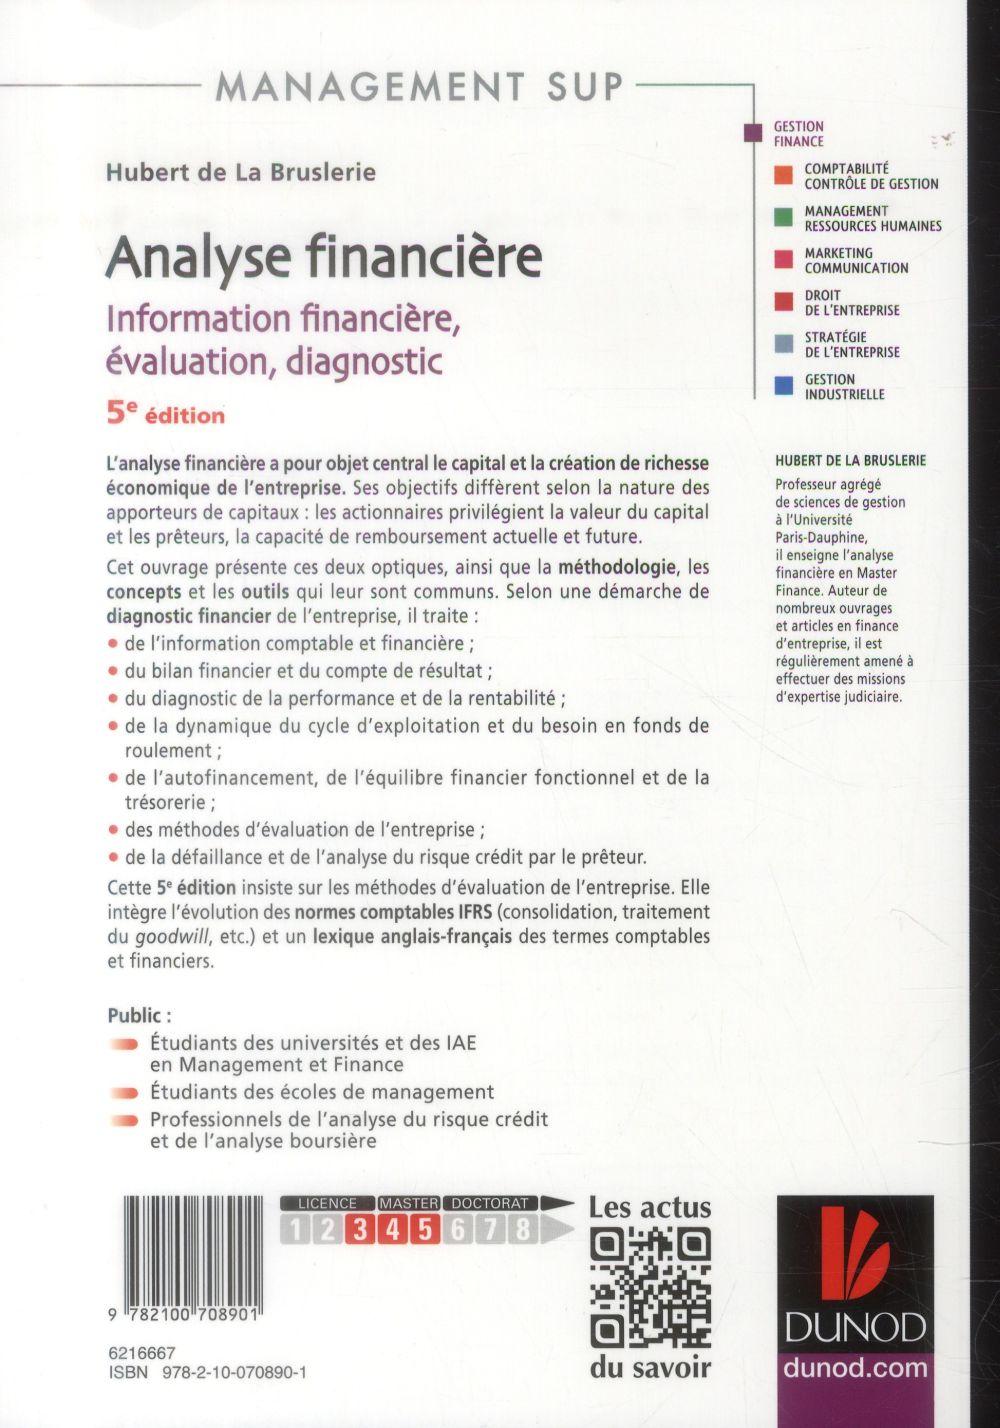 analyse financière ; information financière, évaluation, diagnostic (5e édition)